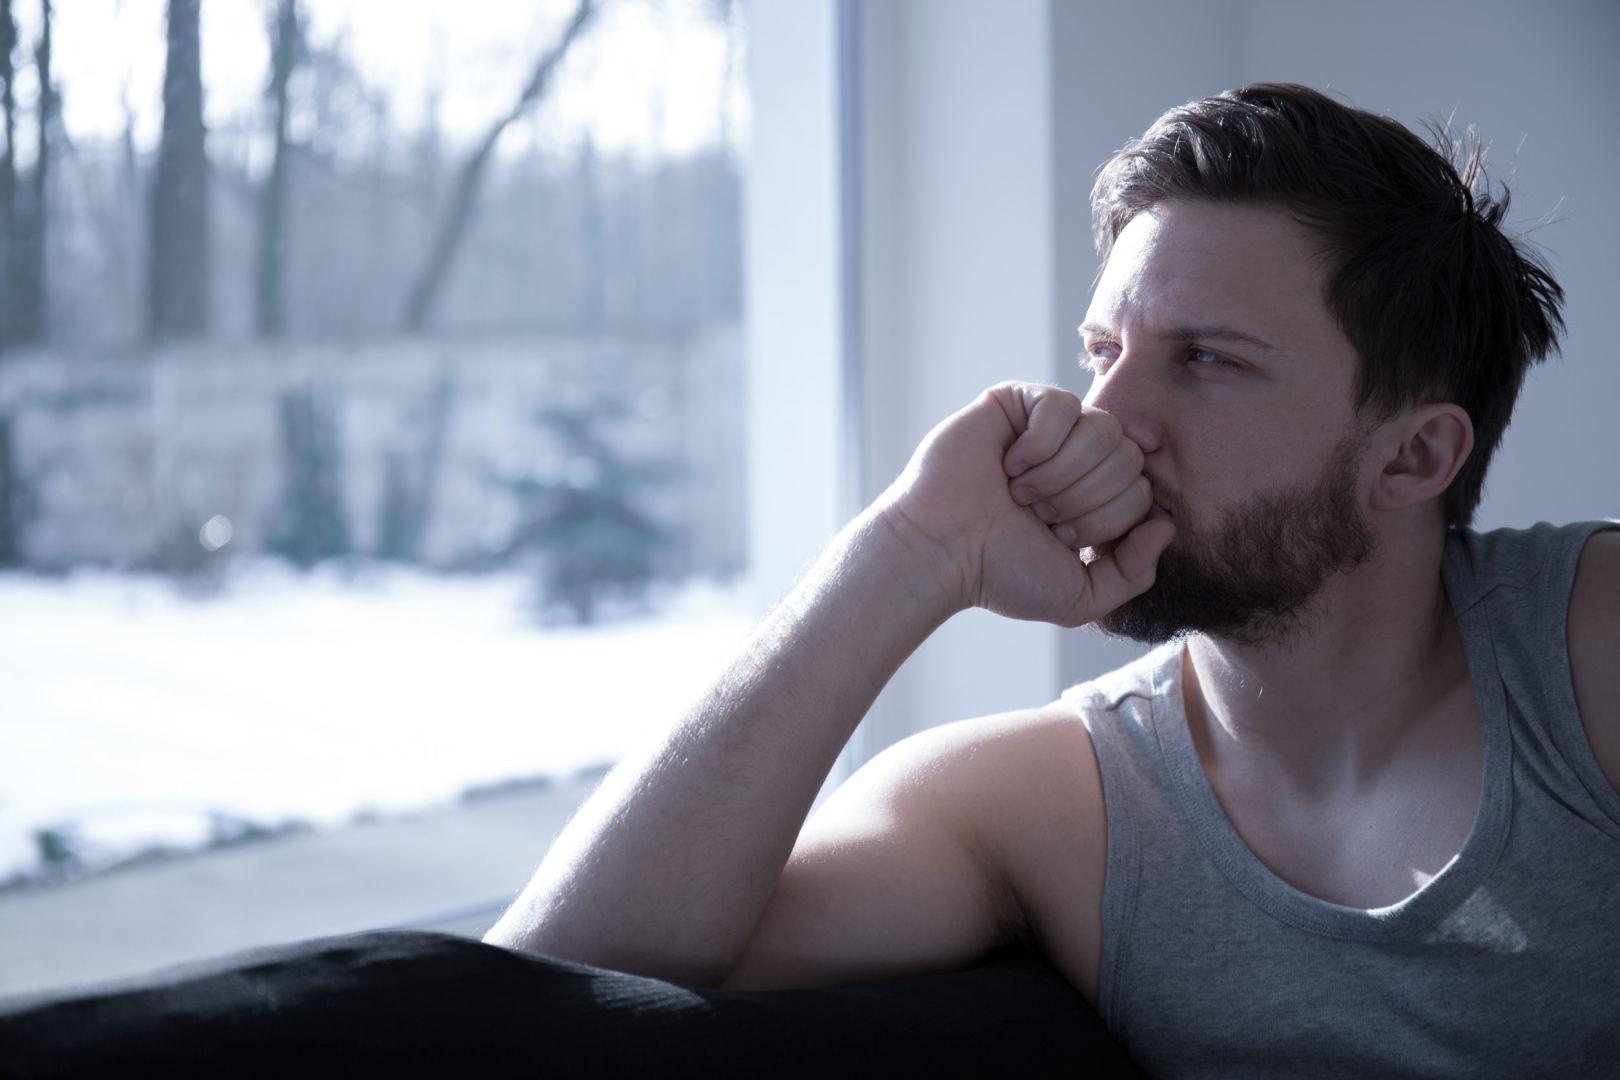 kaip padidinti namuose varpos kieki vyrai žaidžia varpos